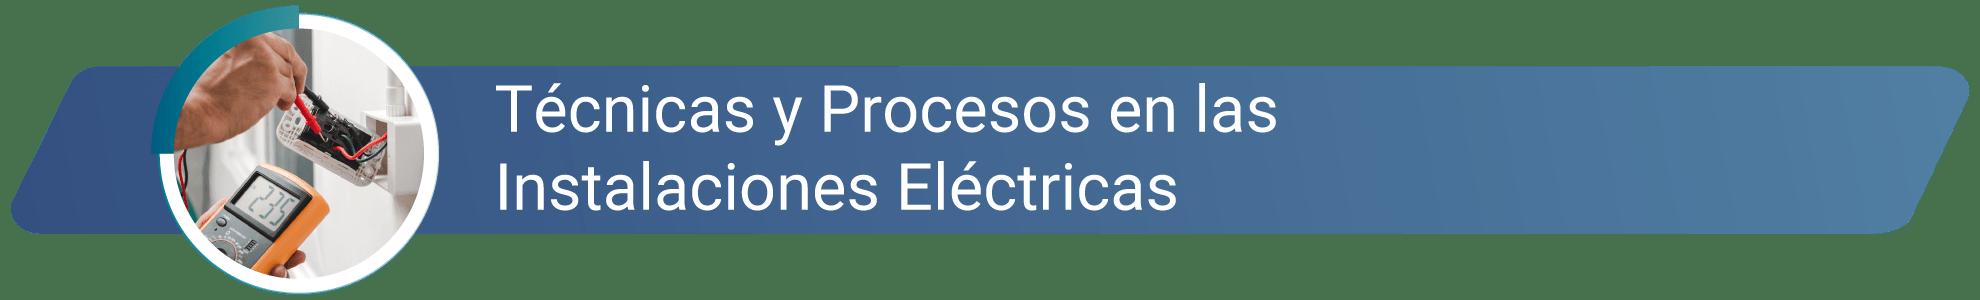 Tecnicas y procesos en instalaciones electricas